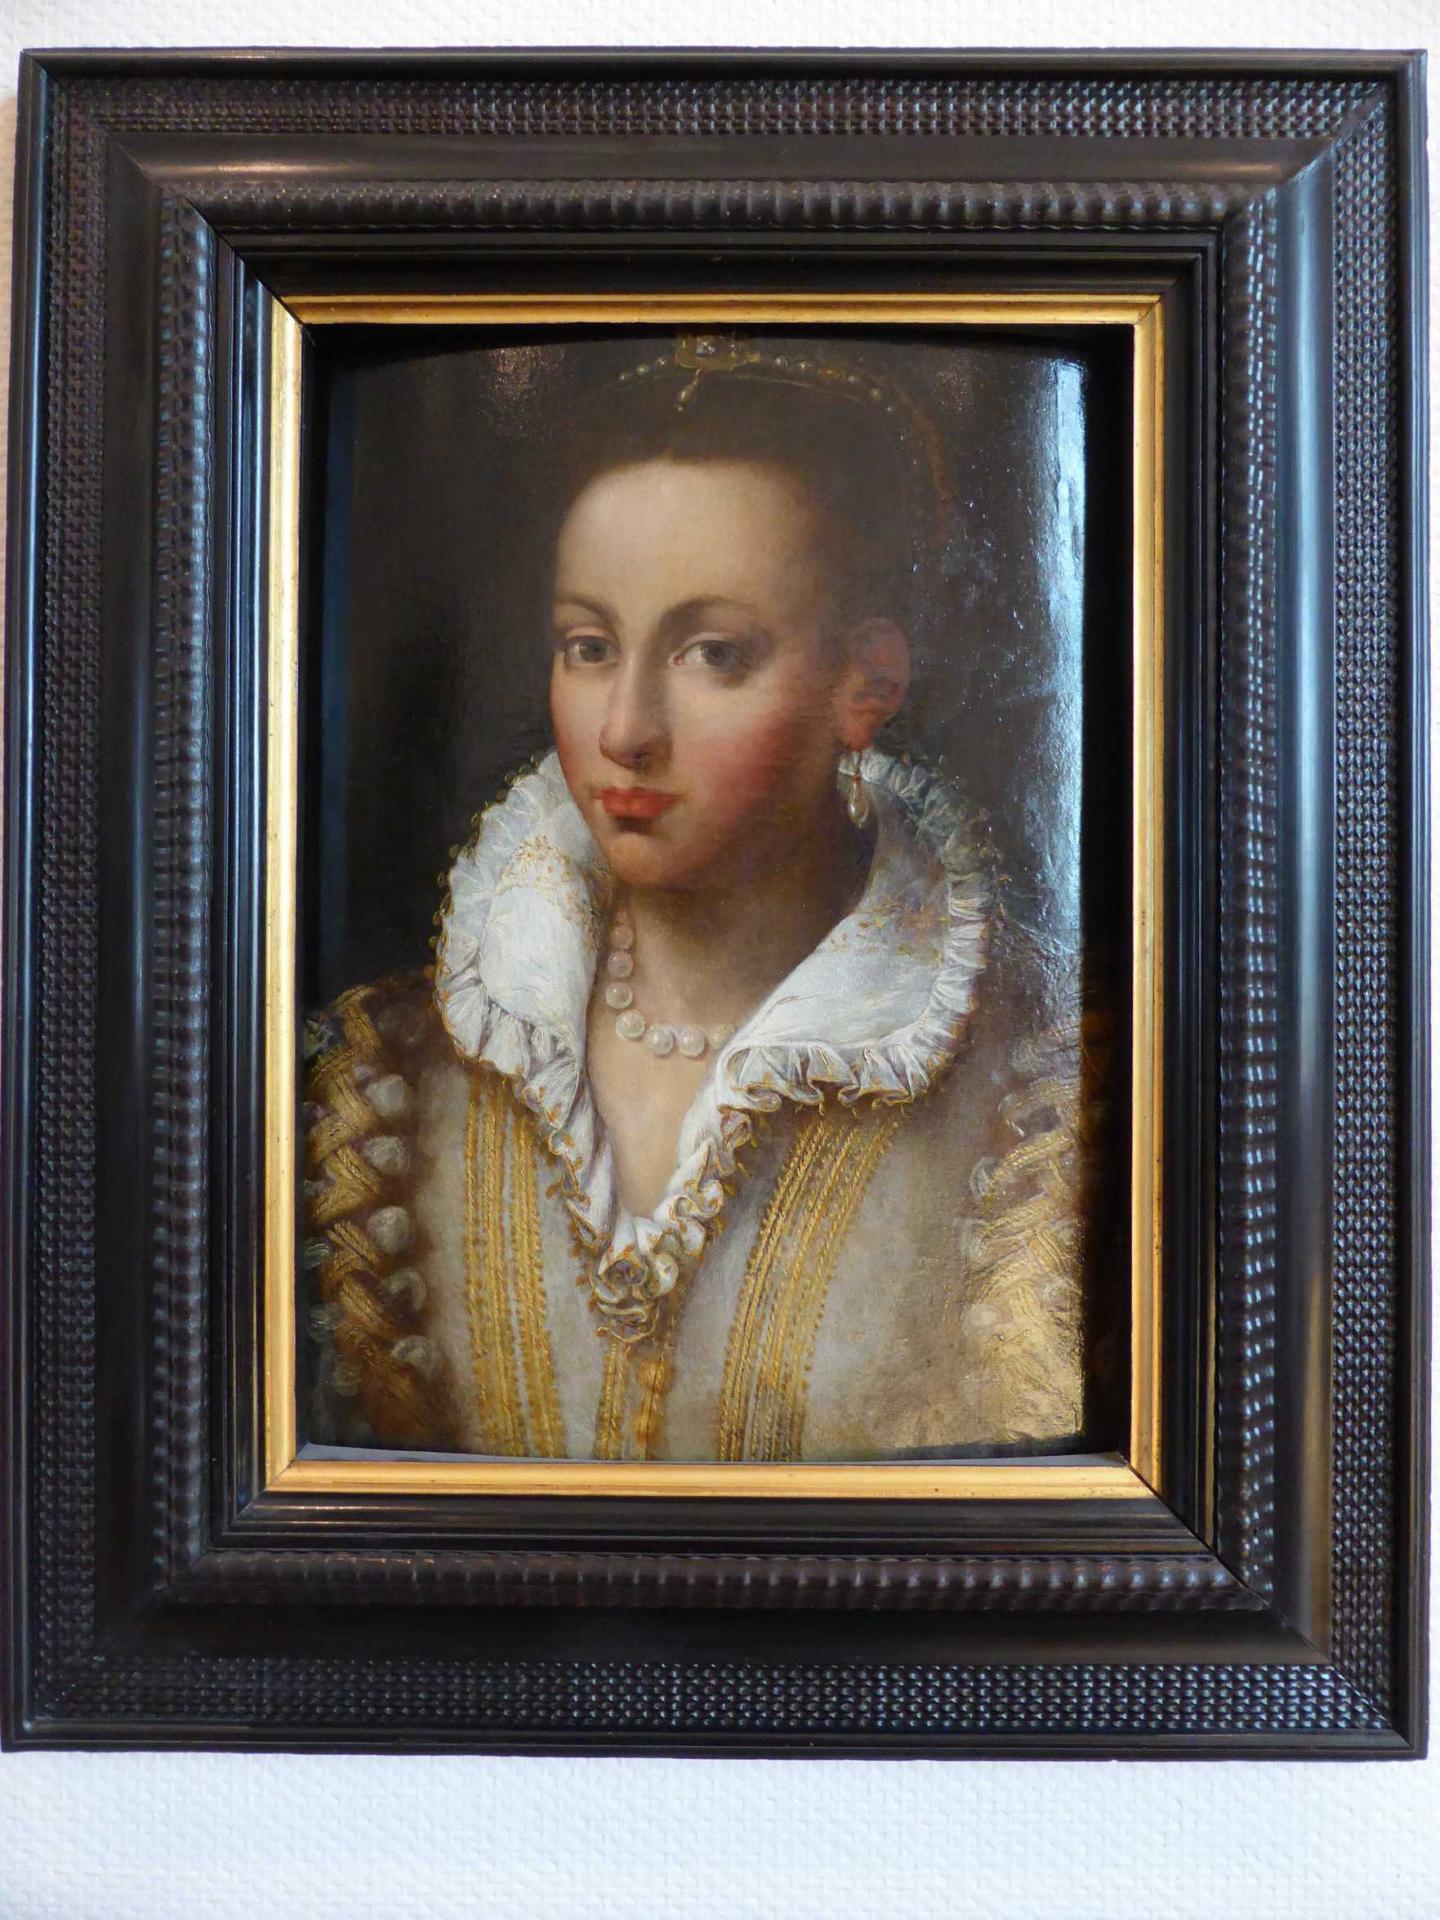 Sofonisba Anguissola, Dame de qualité, XVIe siècle, Libourne, Musée municipal (cl. Ph. Cachau)